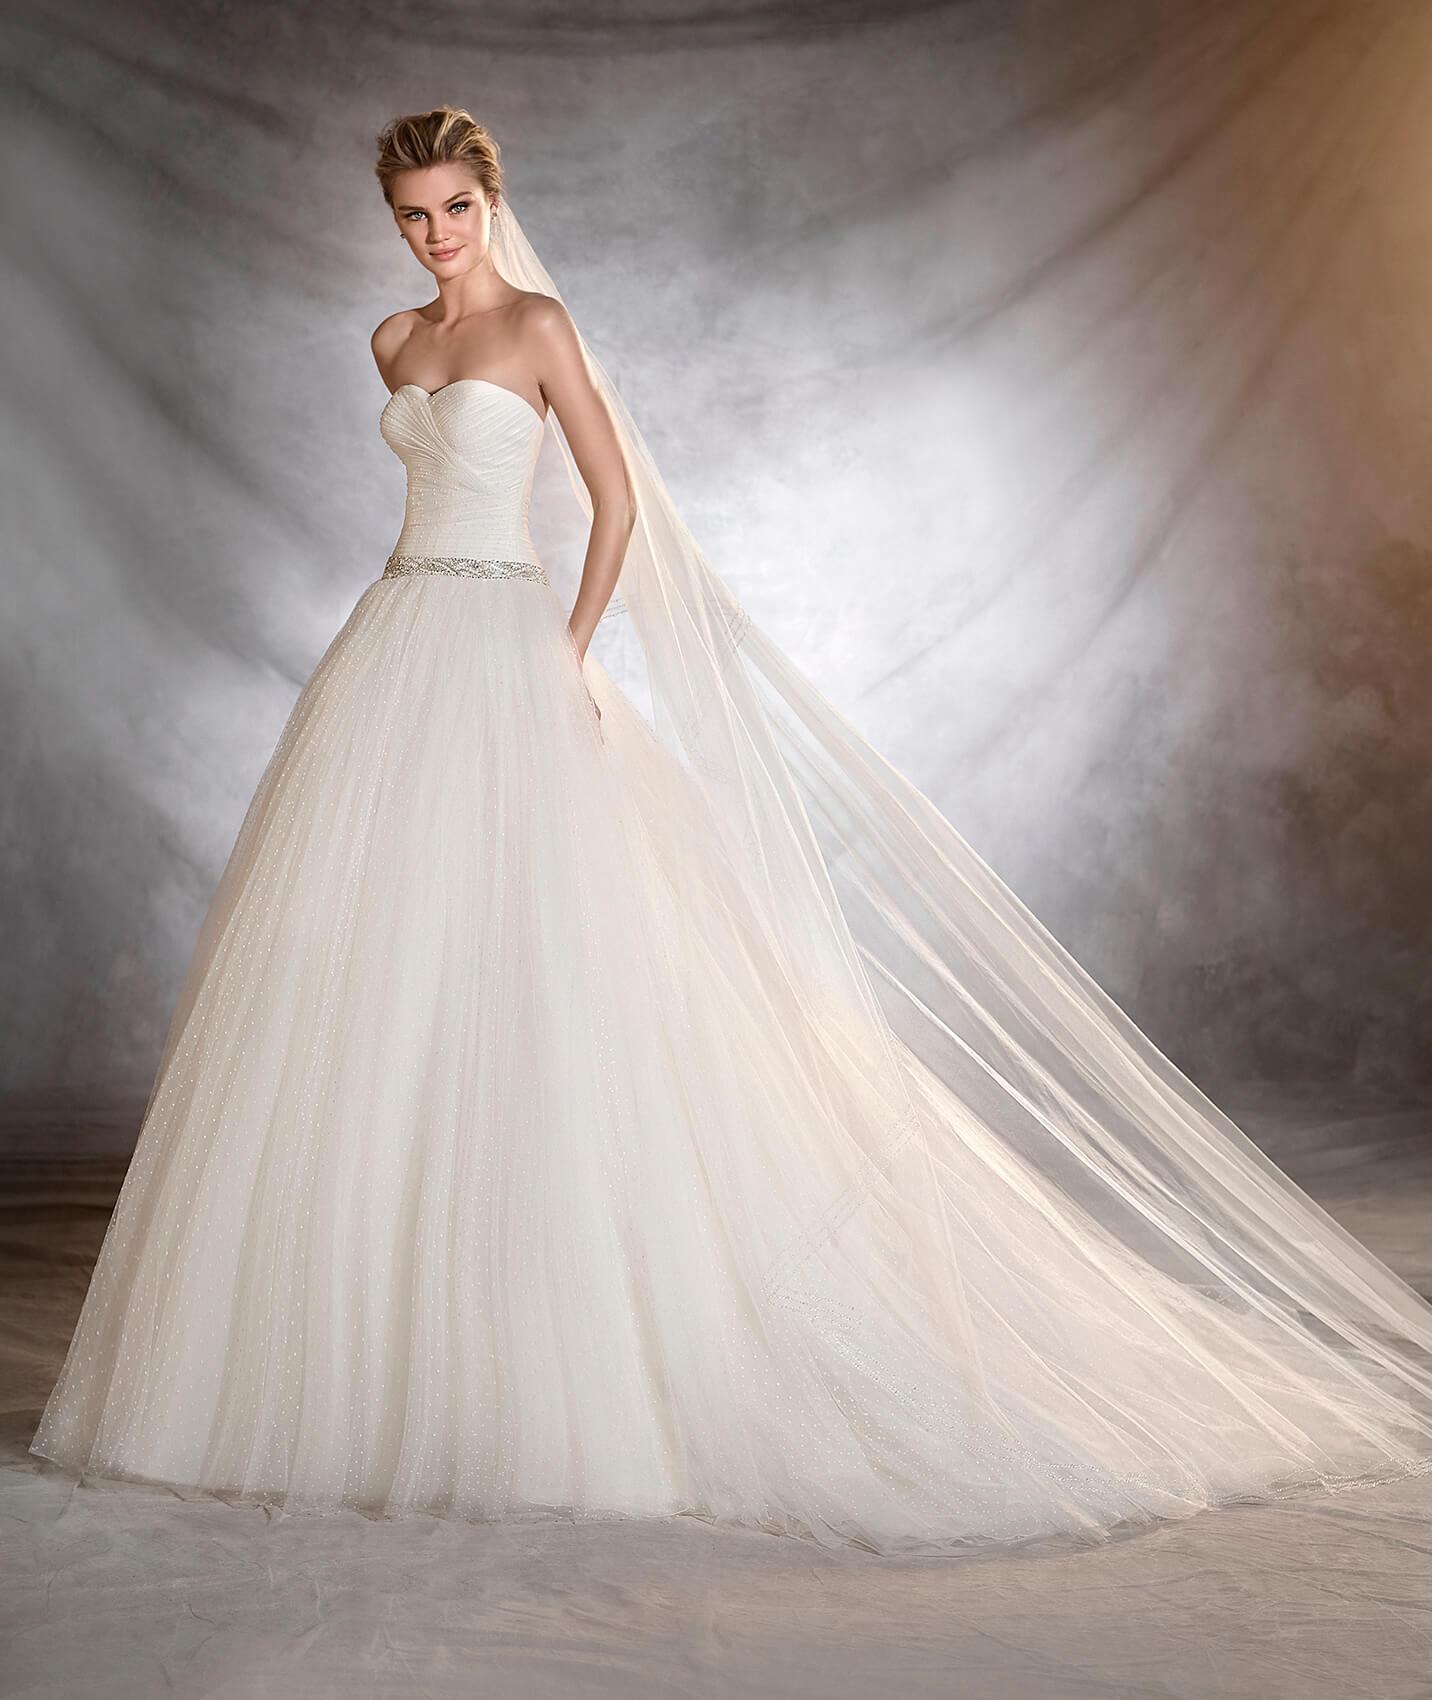 Ovalia vestuvinė suknelė